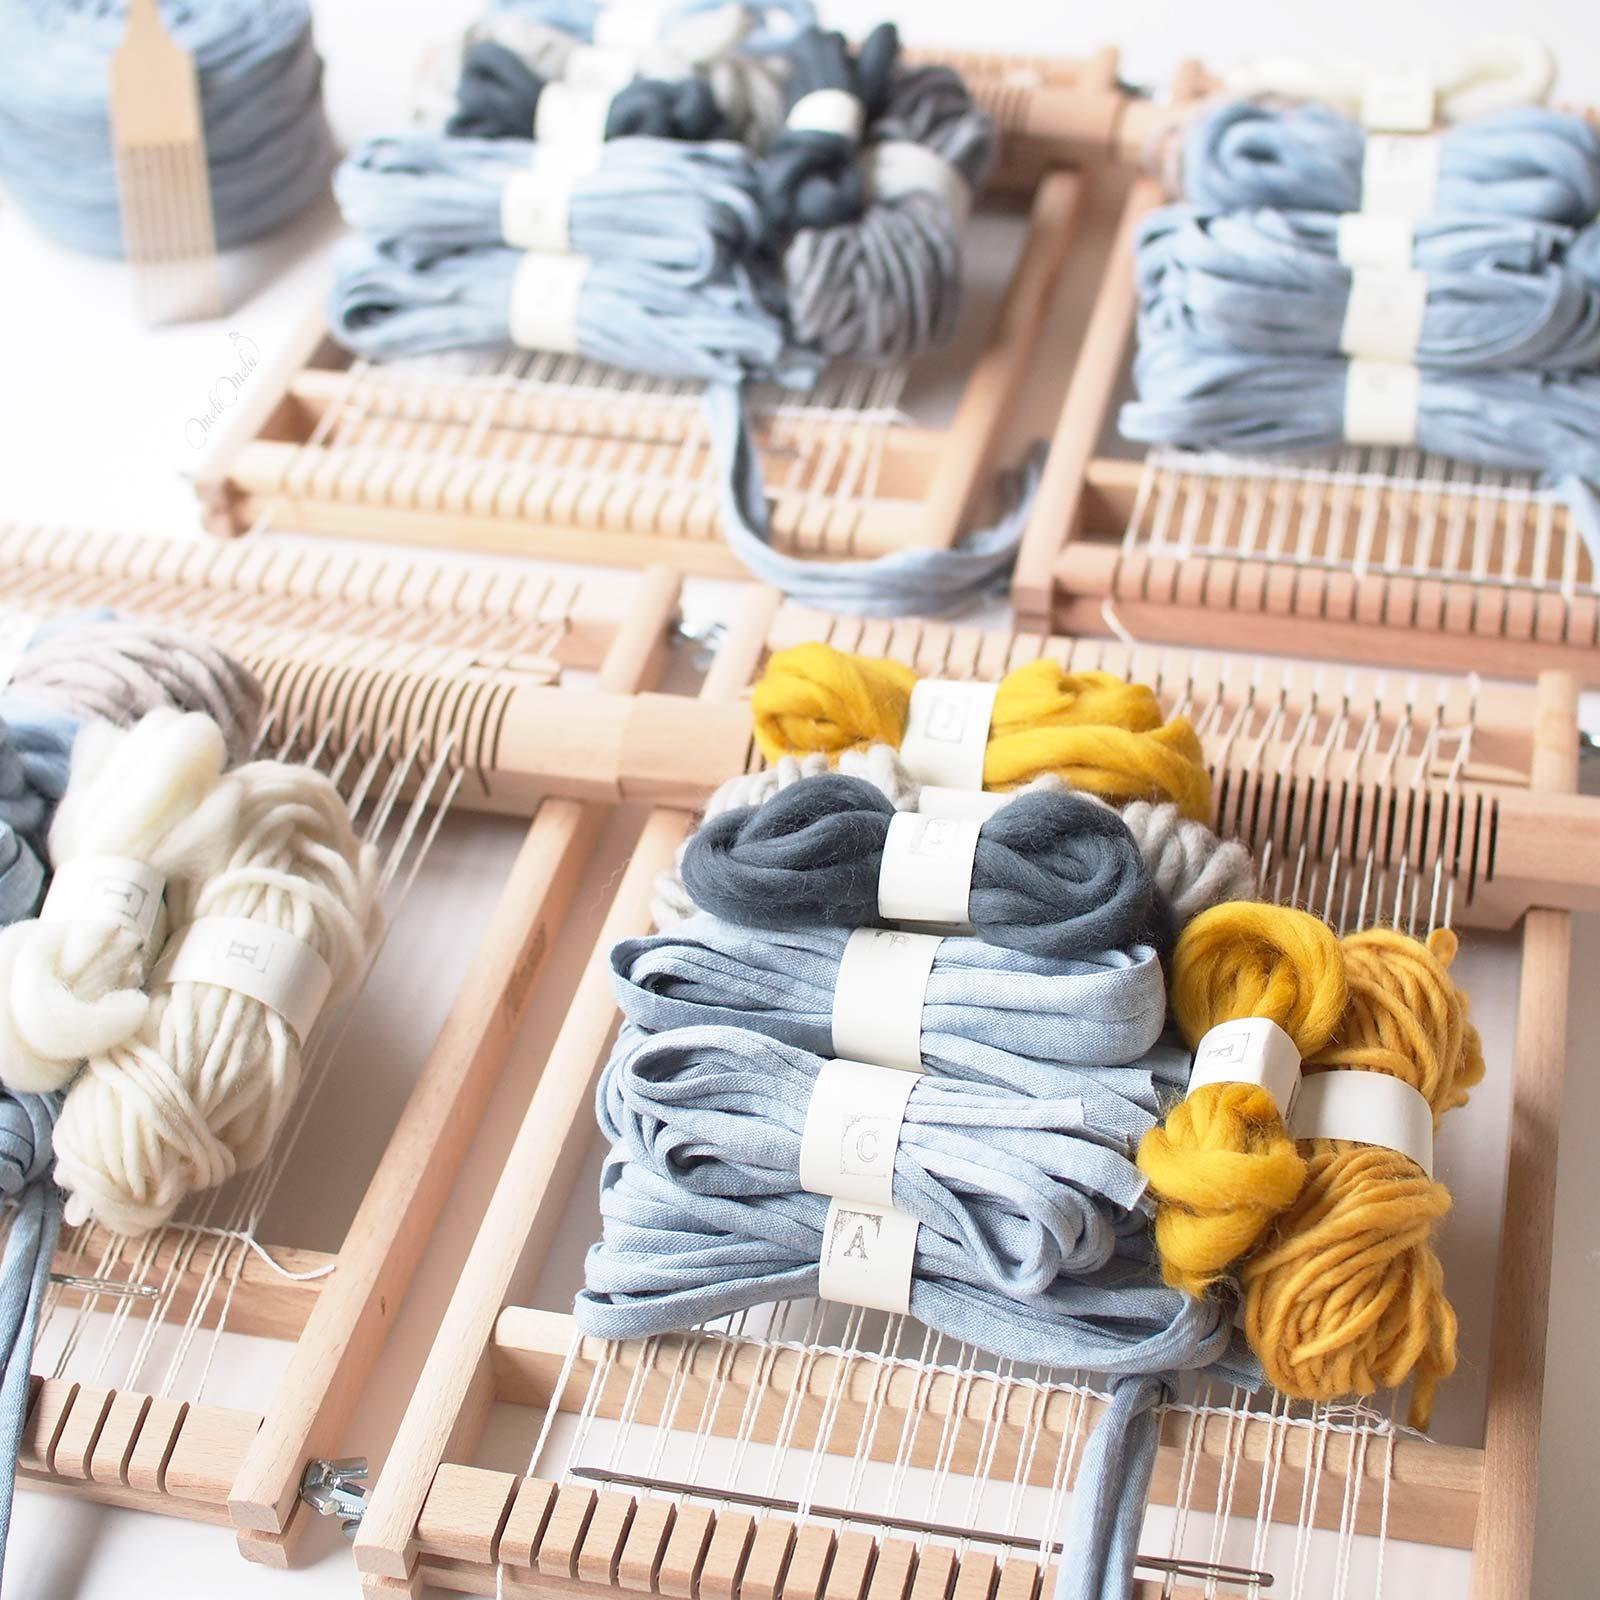 kit de tissage DIY bleu ciel woolandthegang weareknitters funemstudio laboutiquedemelimelo